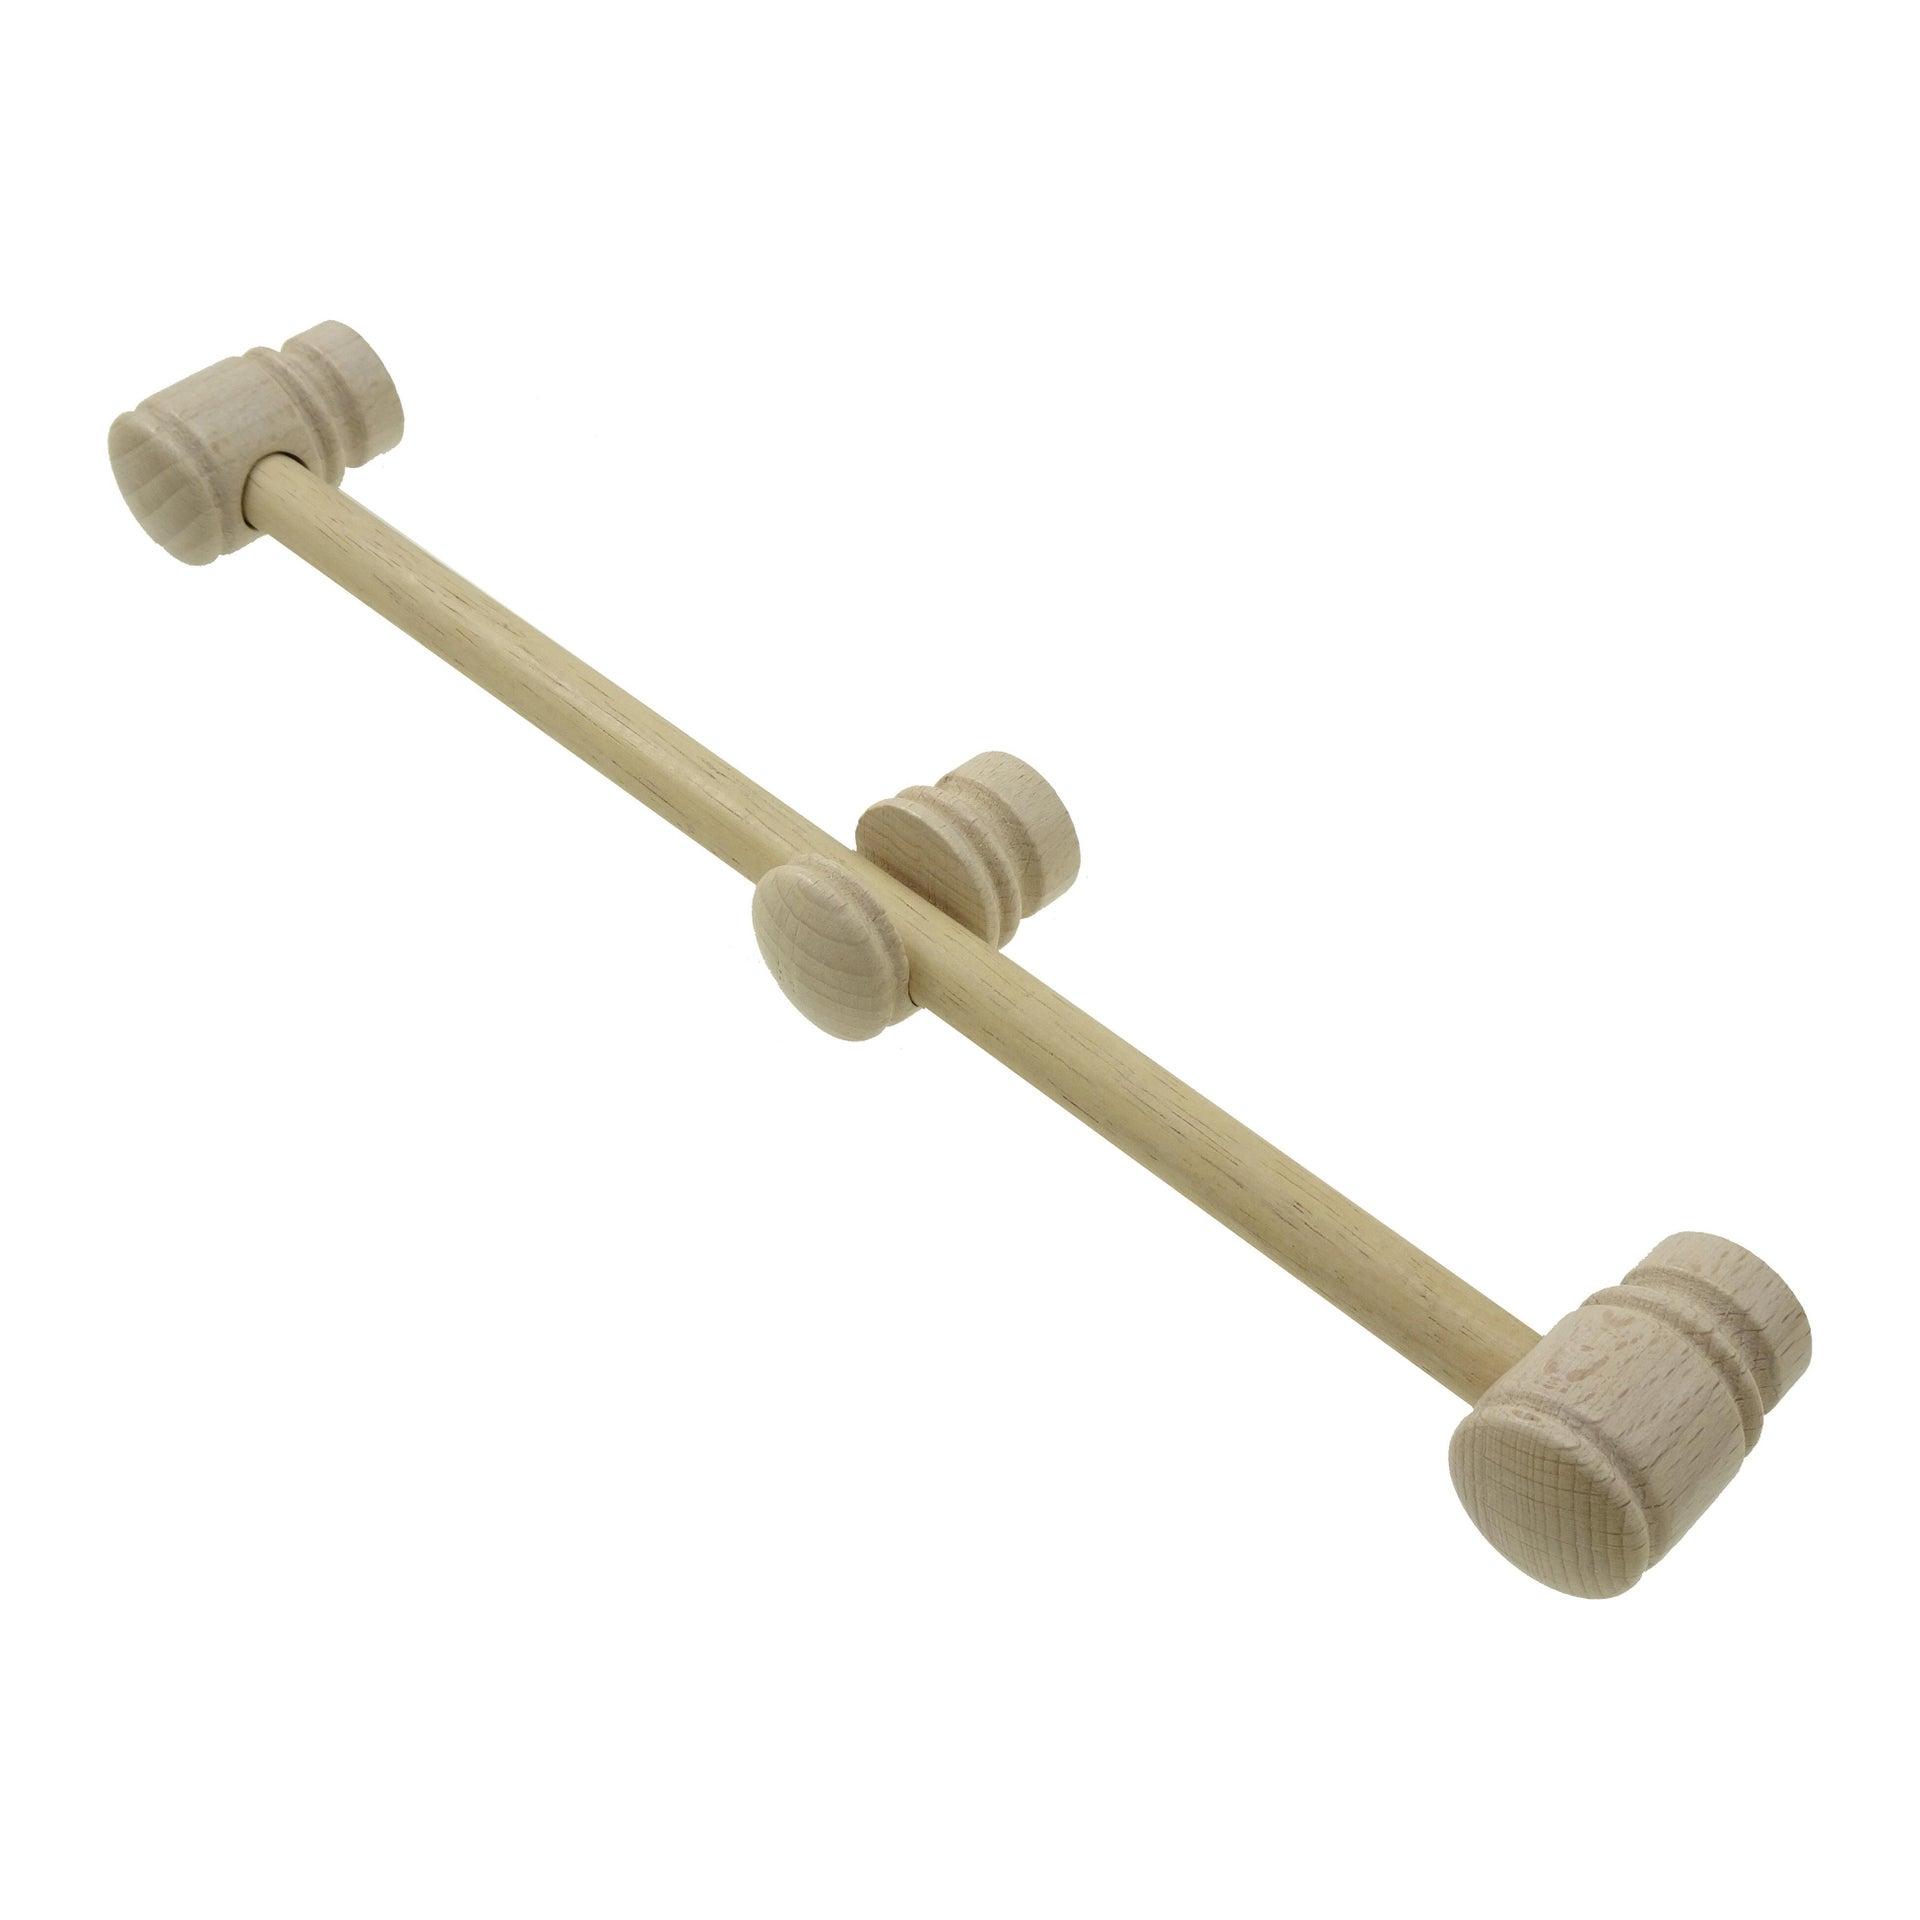 Kit bastone per tenda Zip in legno Ø 11 mm naturale grezzo 120 cm